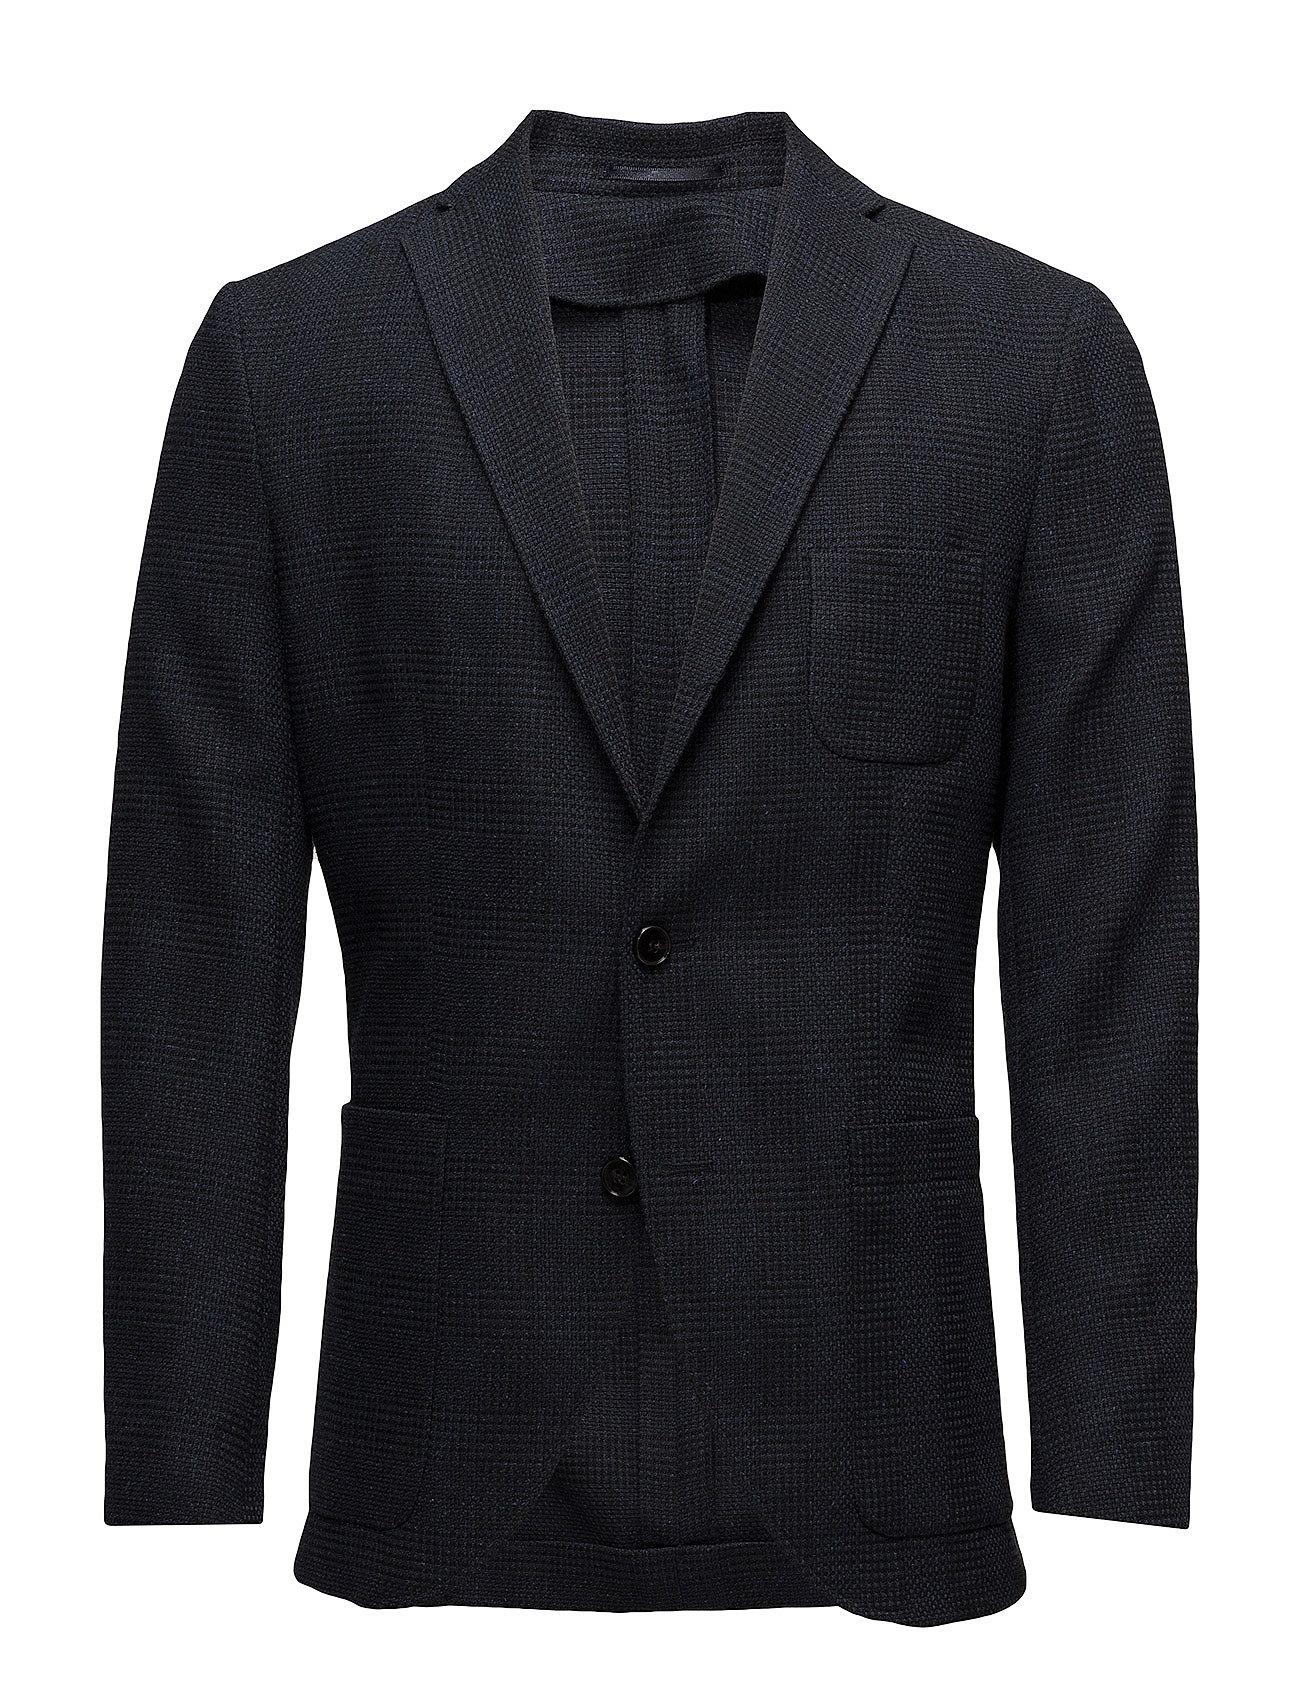 promo code 34931 e7fbc shdone-milano blue/black check blazer